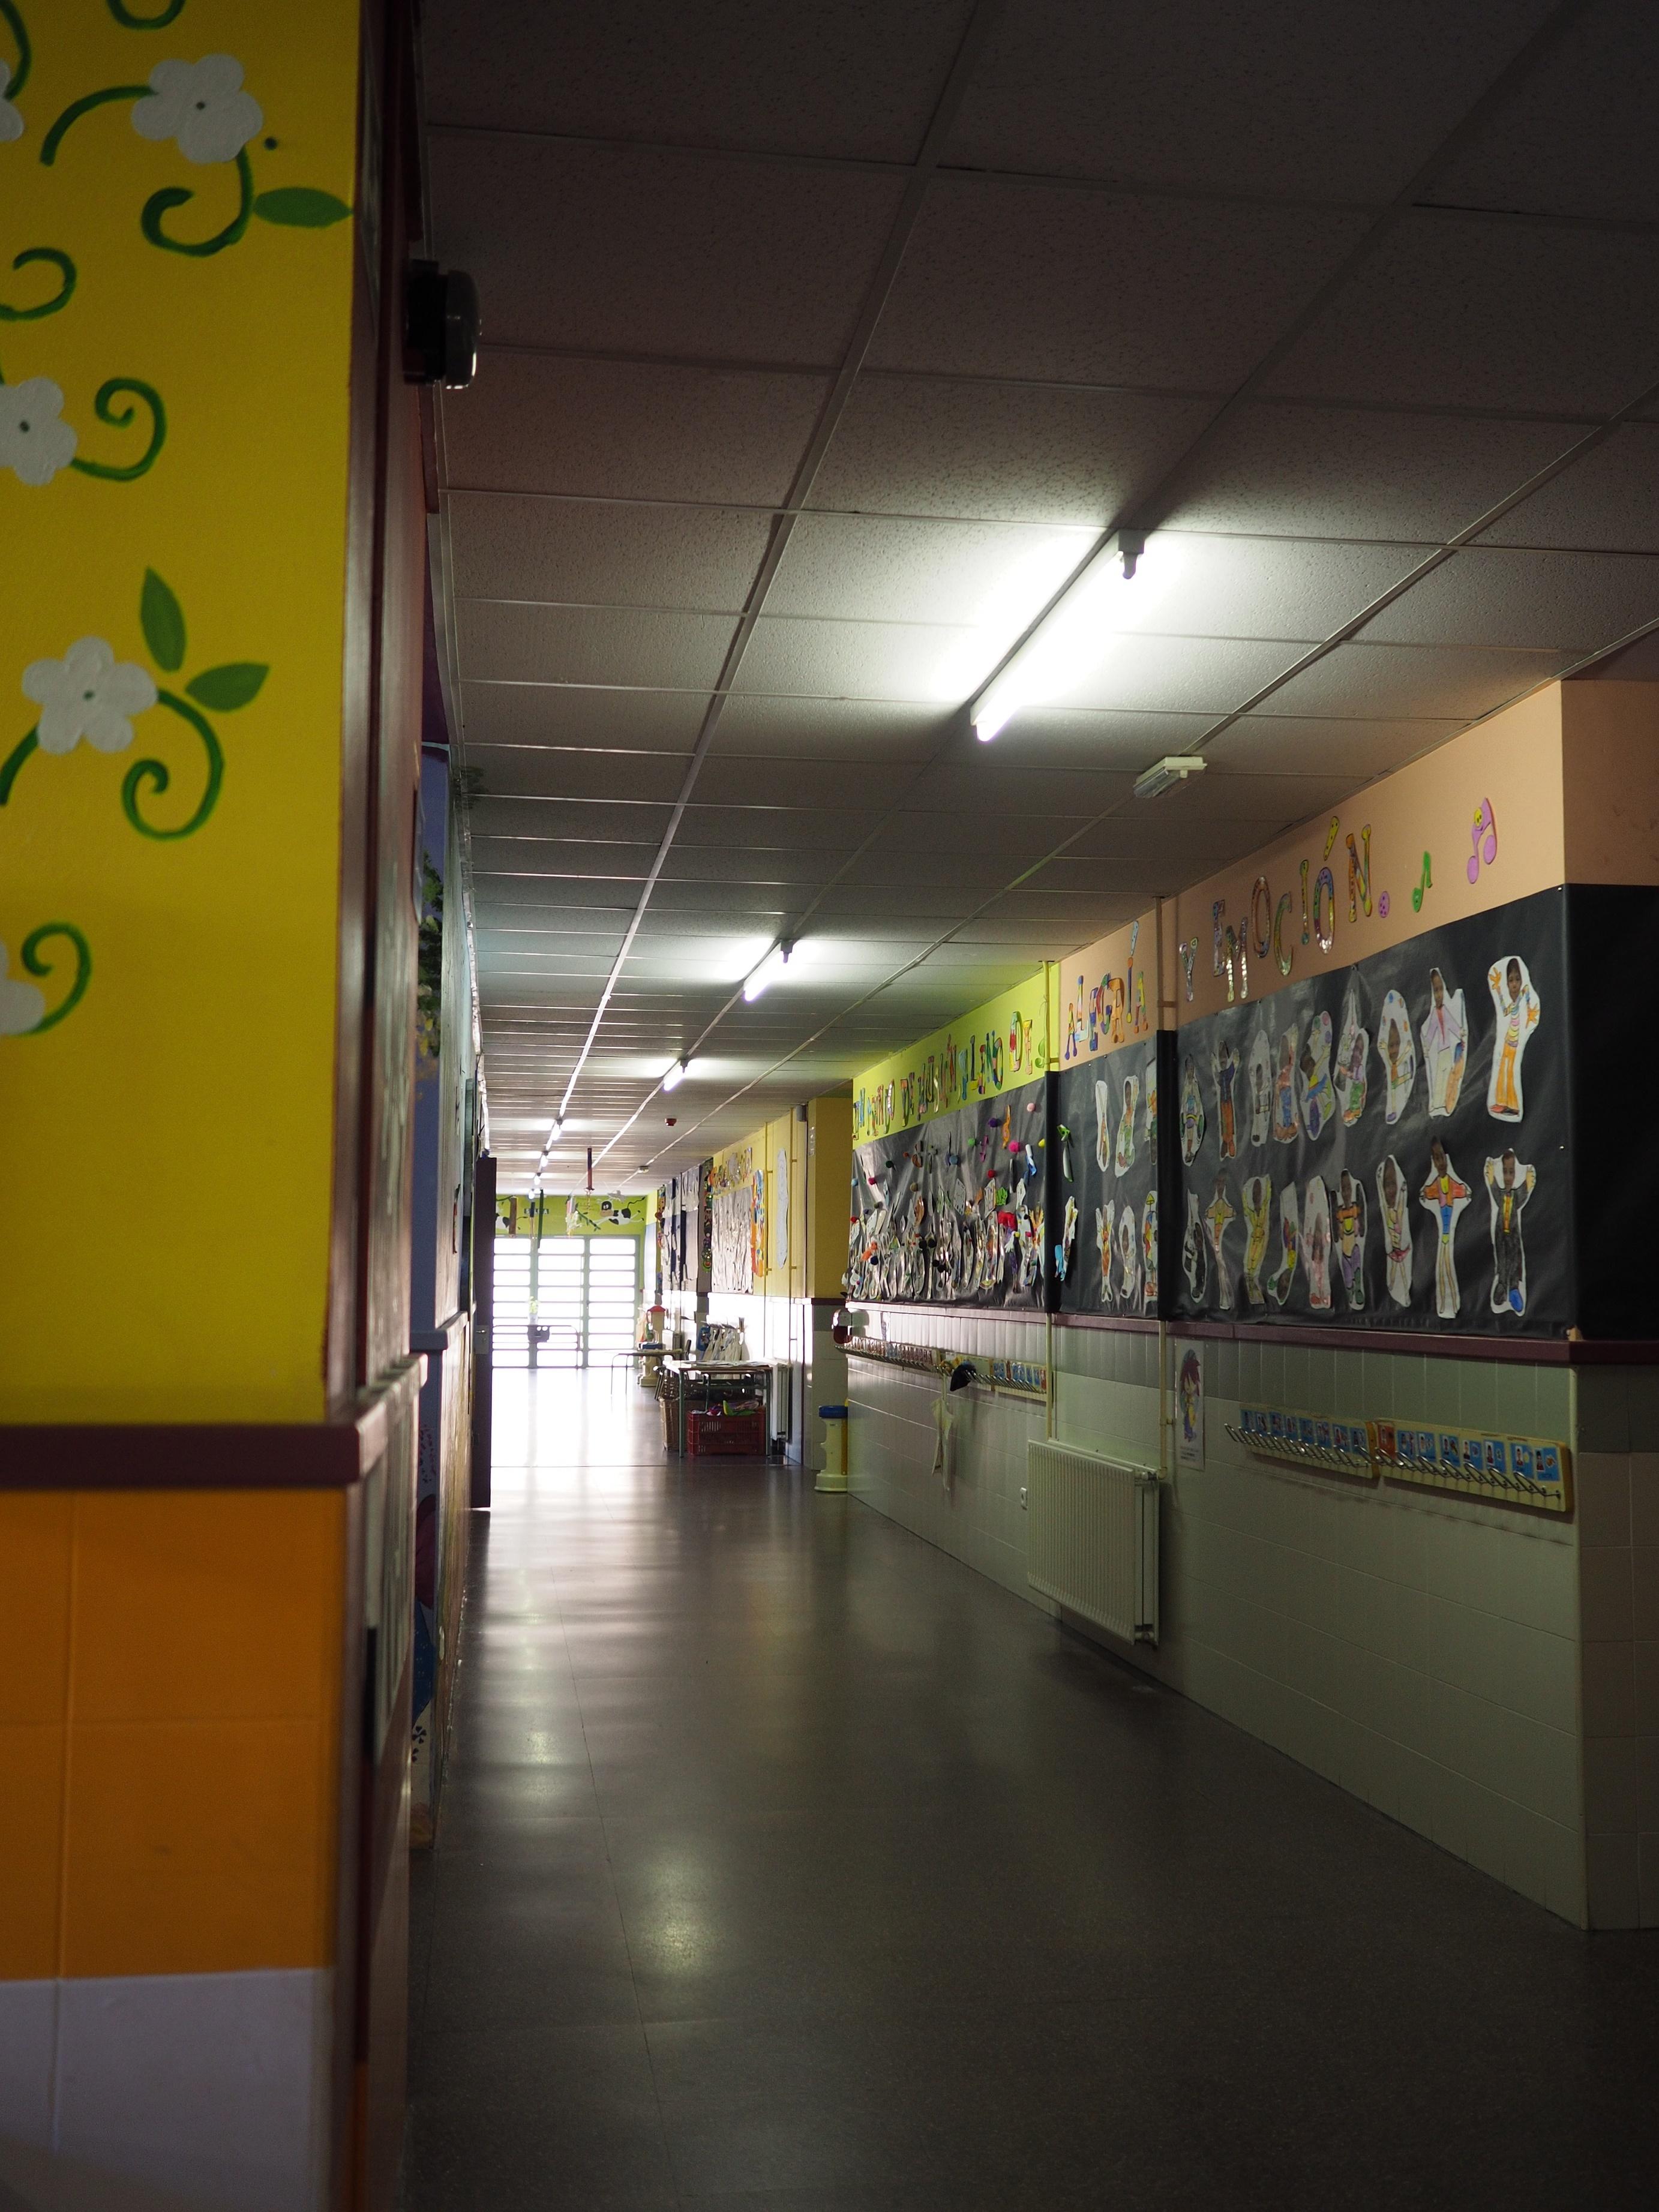 Instalaciones CEIP El Jarama 1